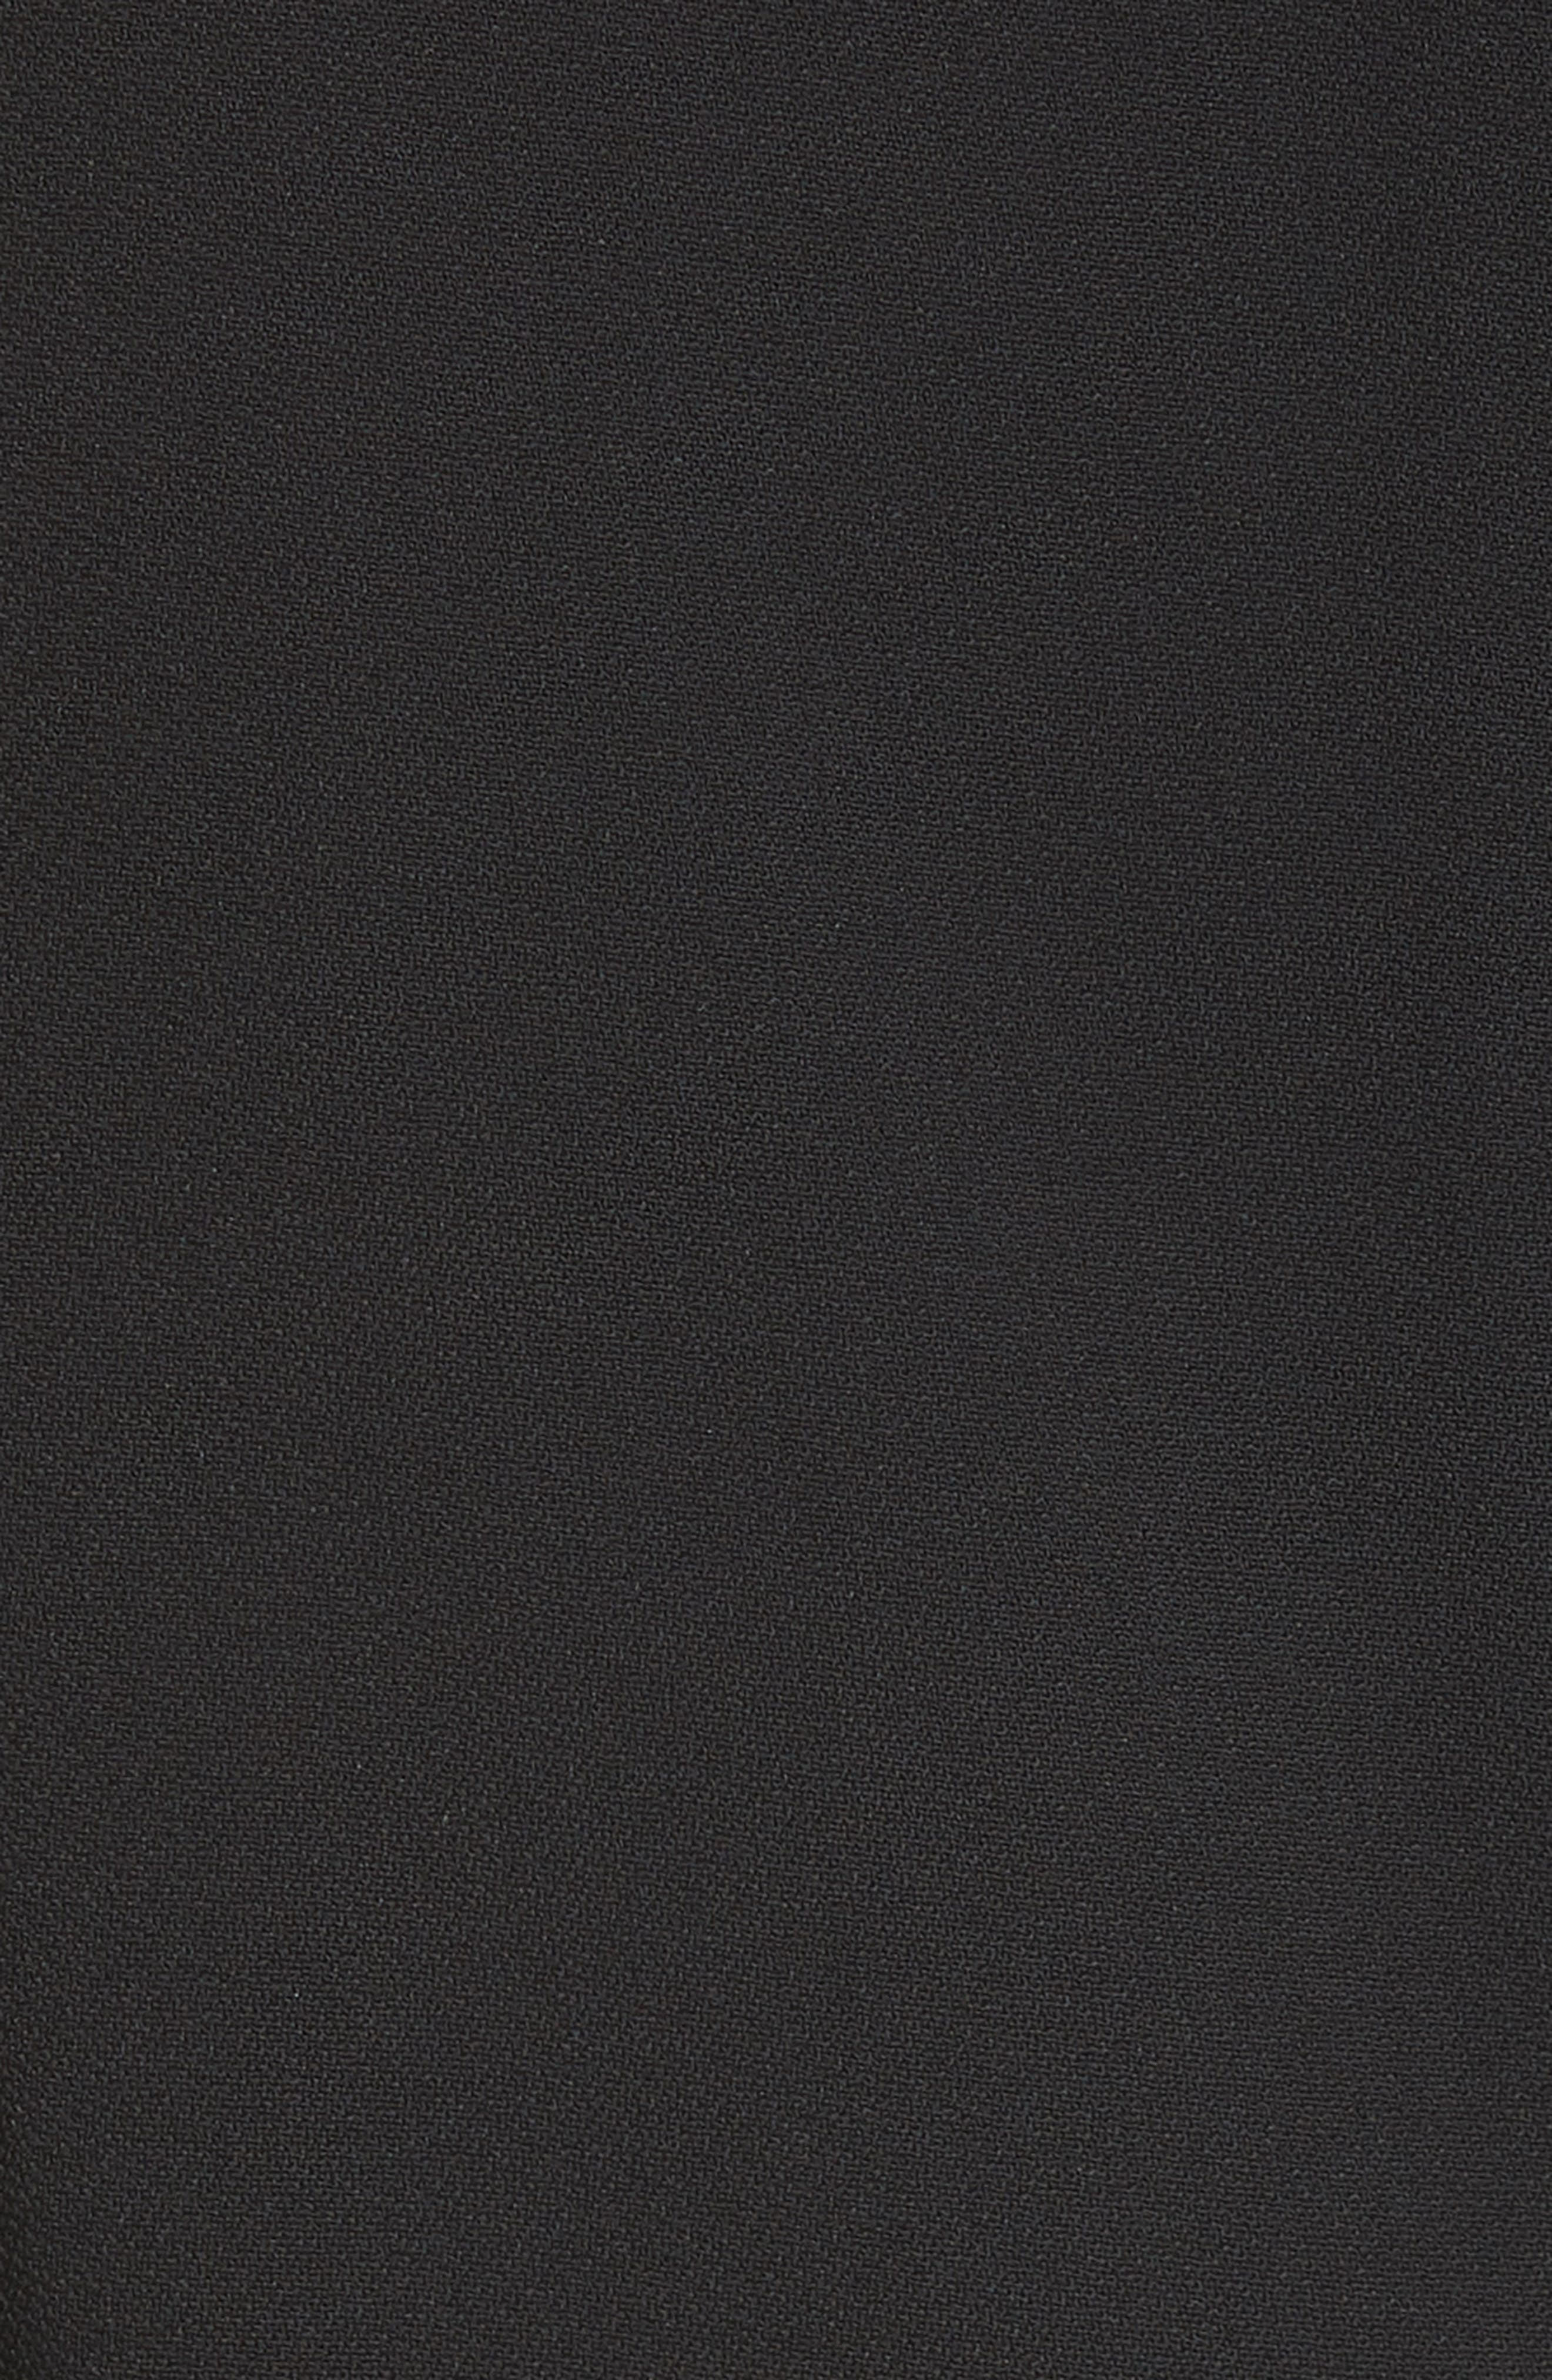 Ruffle Trim Keyhole Dress,                             Alternate thumbnail 5, color,                             BLACK